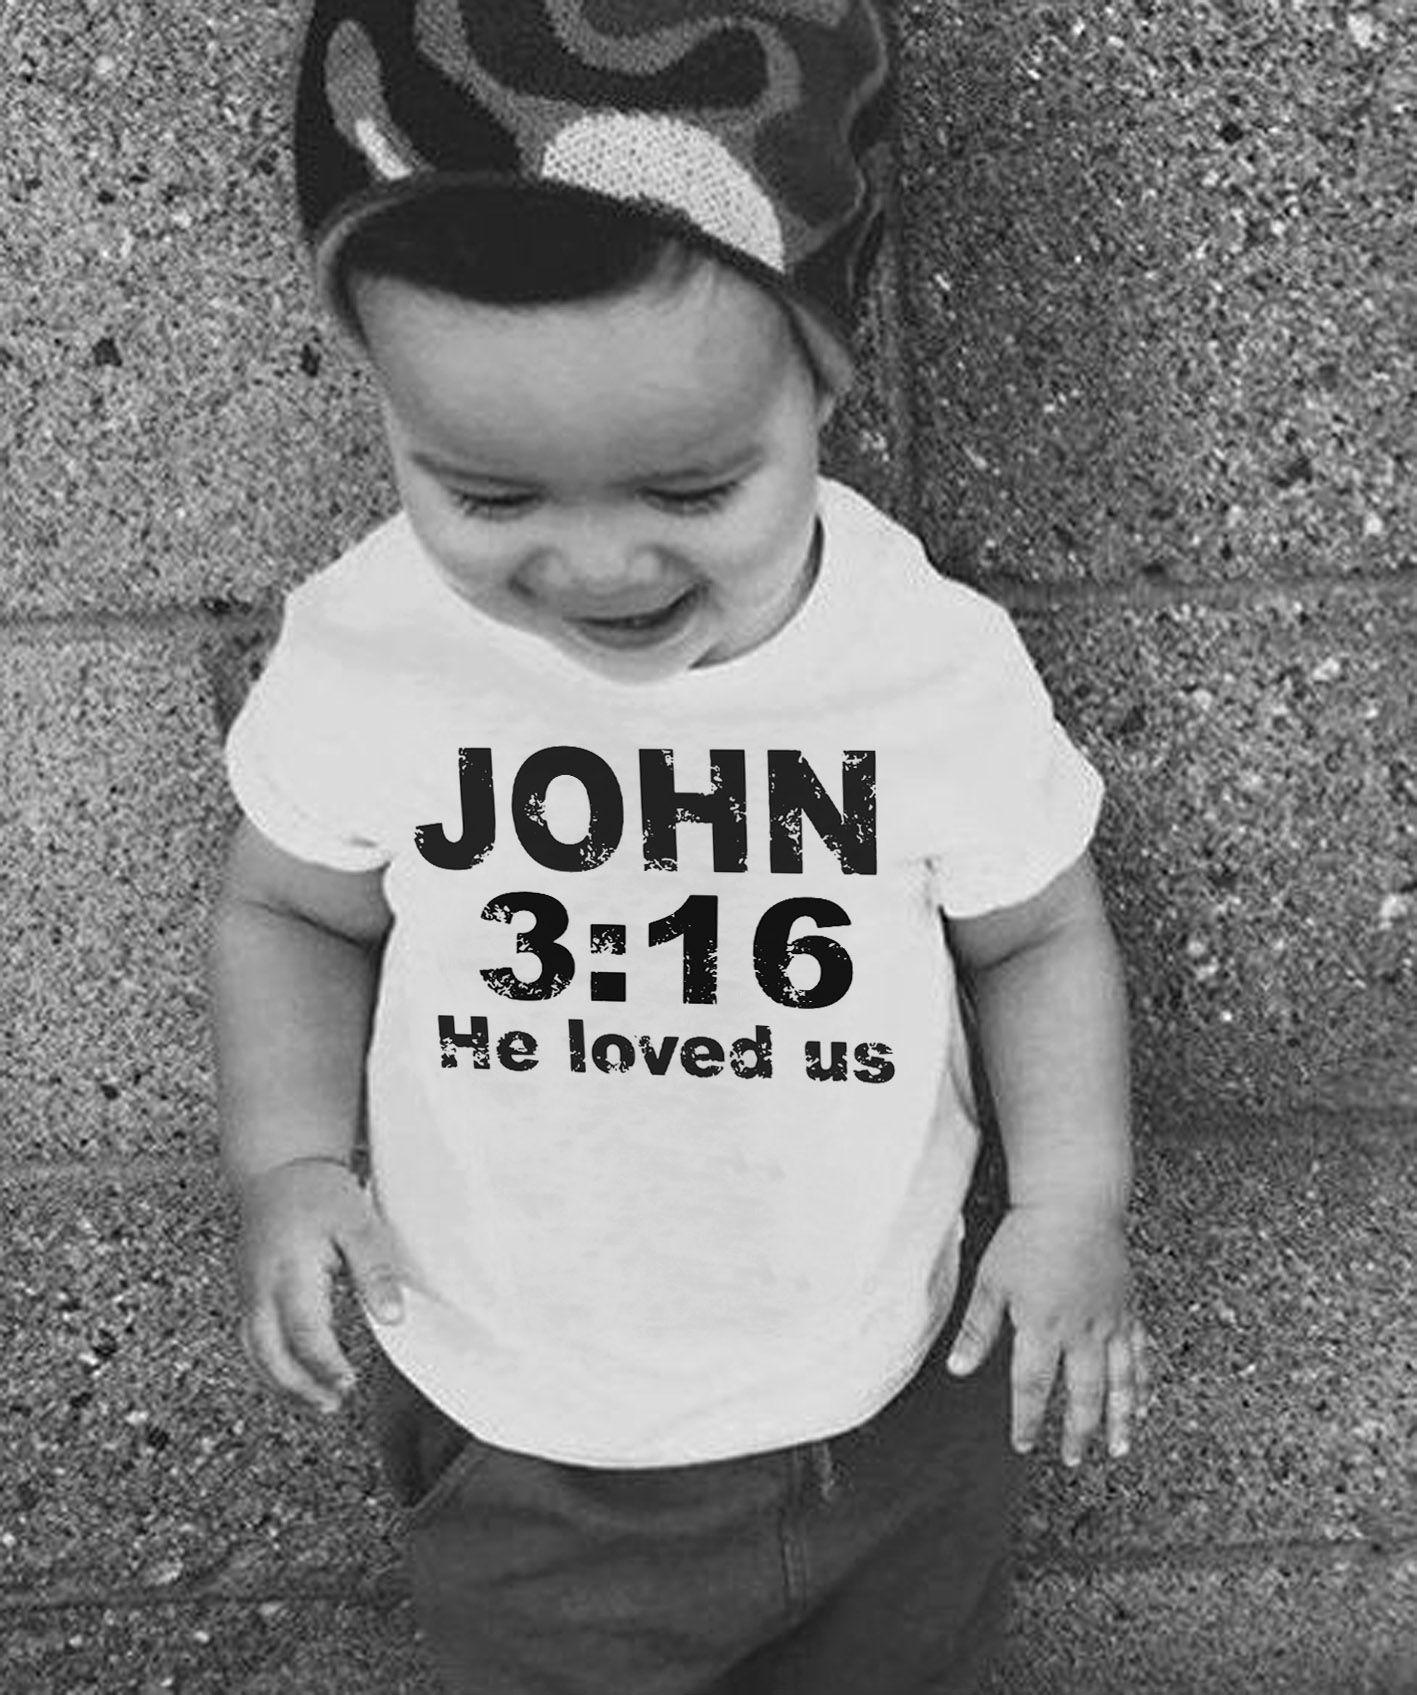 Camiseta  Gospel John 3:16  - White  - Baby Monster - Body Bebe